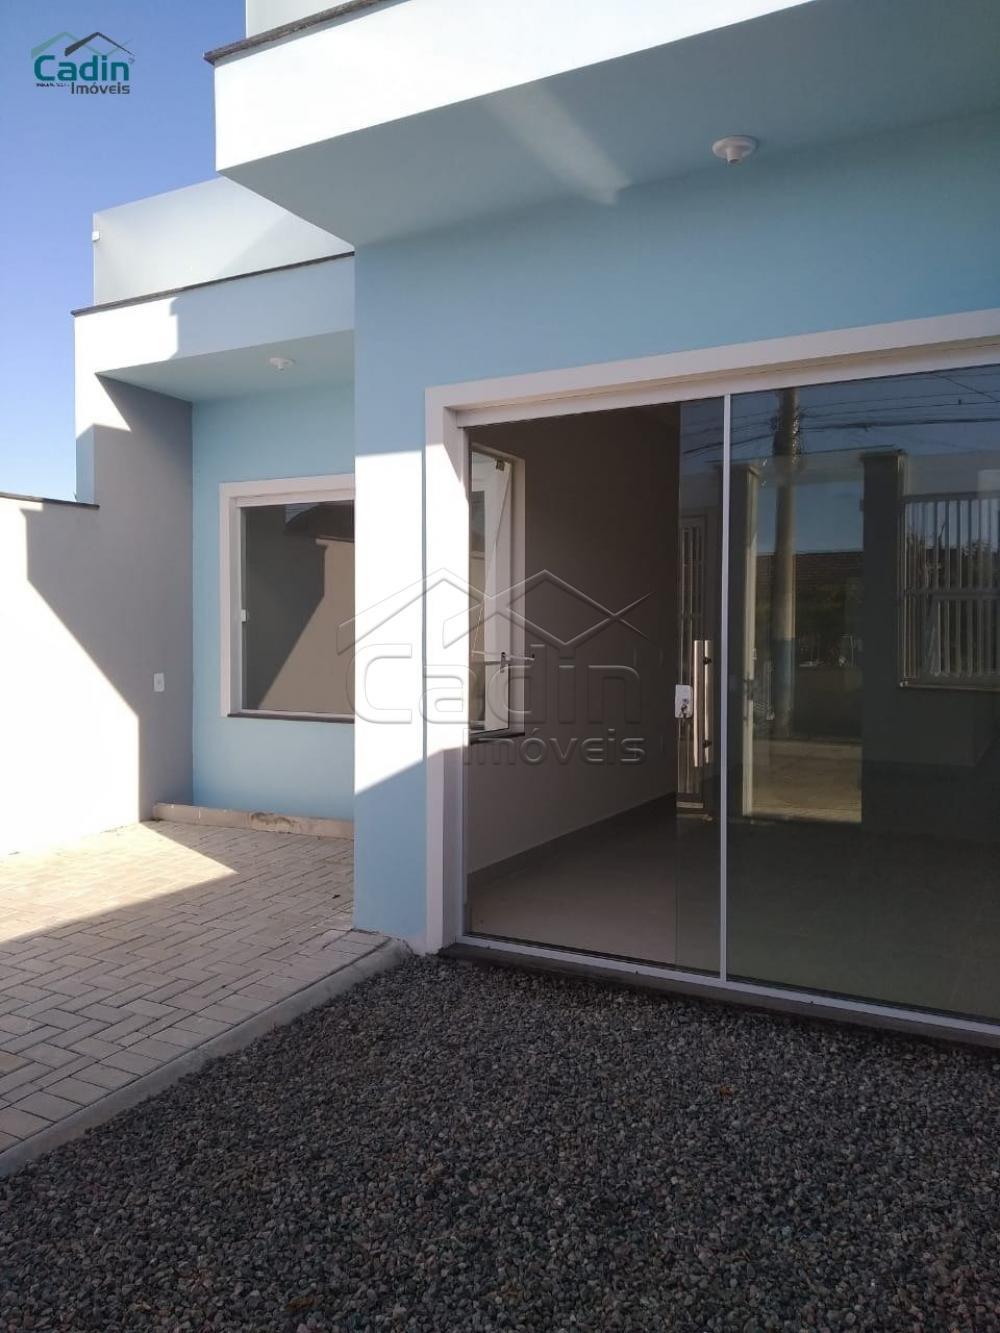 Comprar Casa / Padrão em Navegantes R$ 330.000,00 - Foto 6